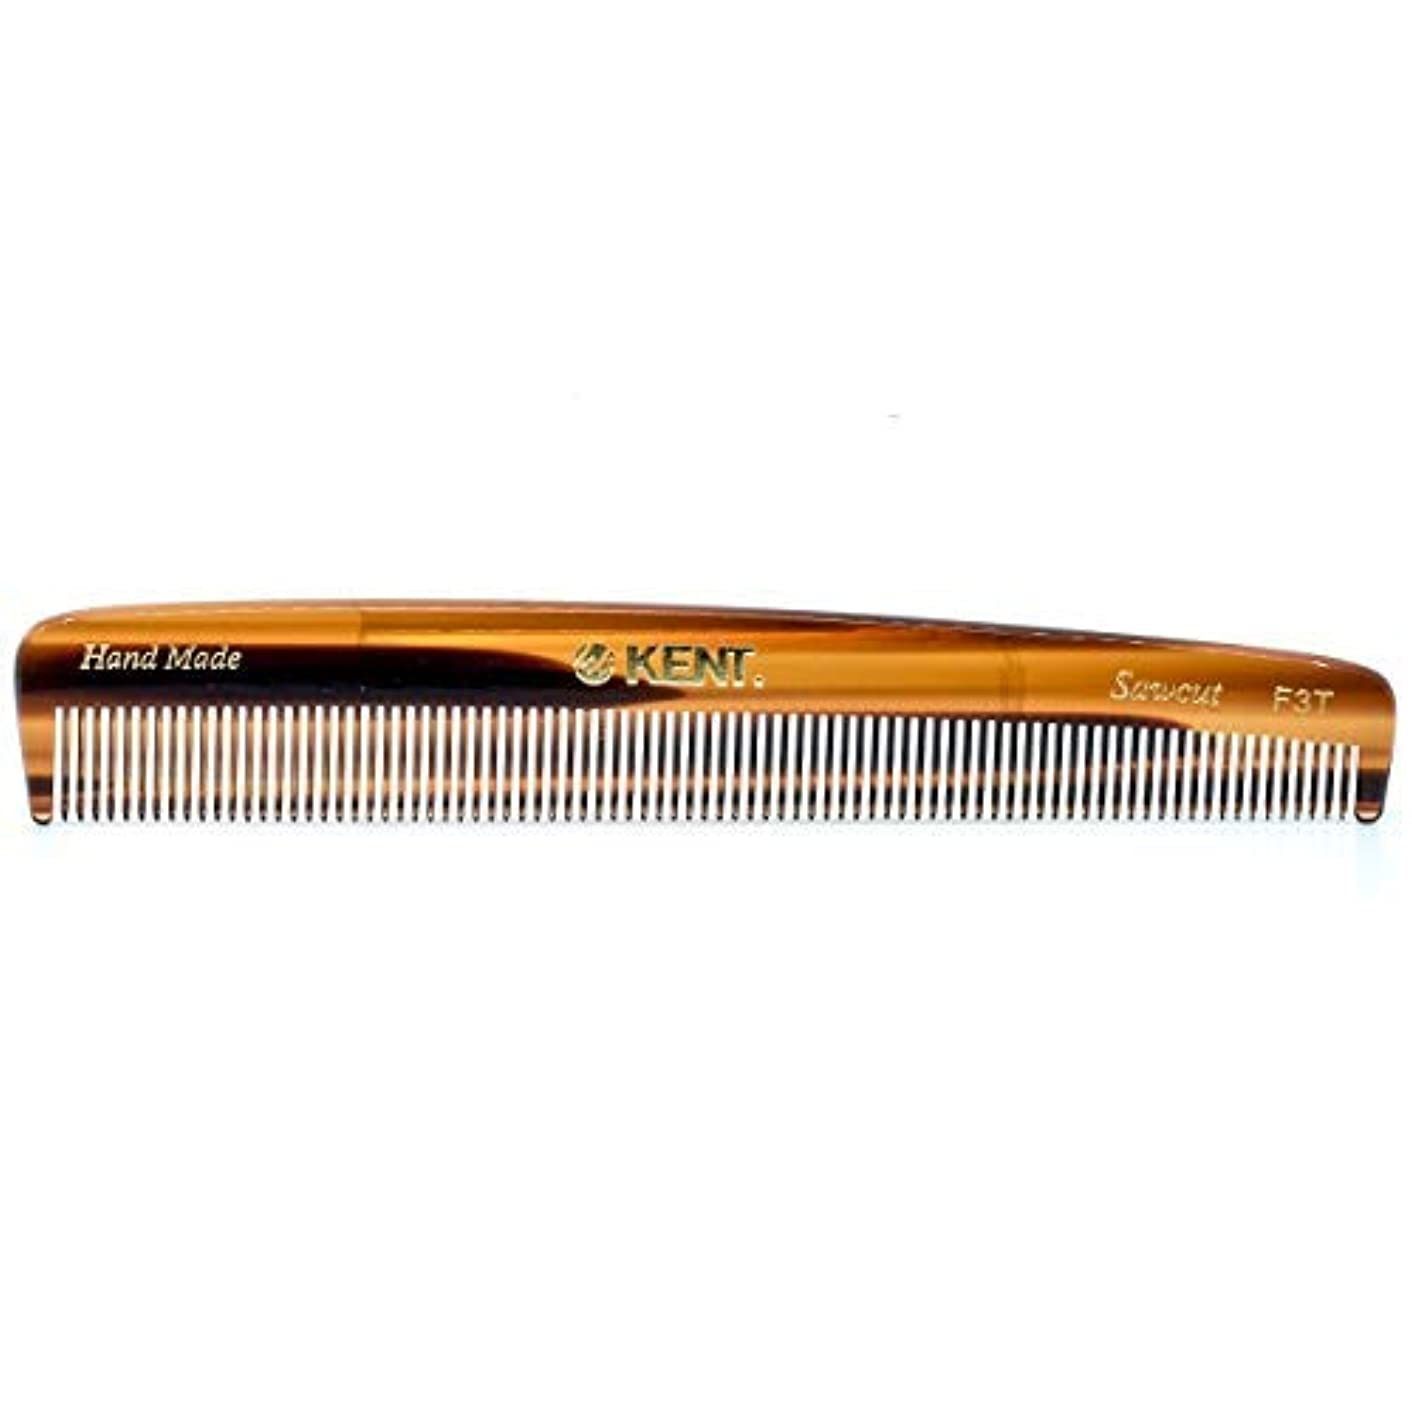 交換請負業者話Kent F3T The Hand Made - All Fine Dressing Comb 160mm/6.25 Inch [並行輸入品]